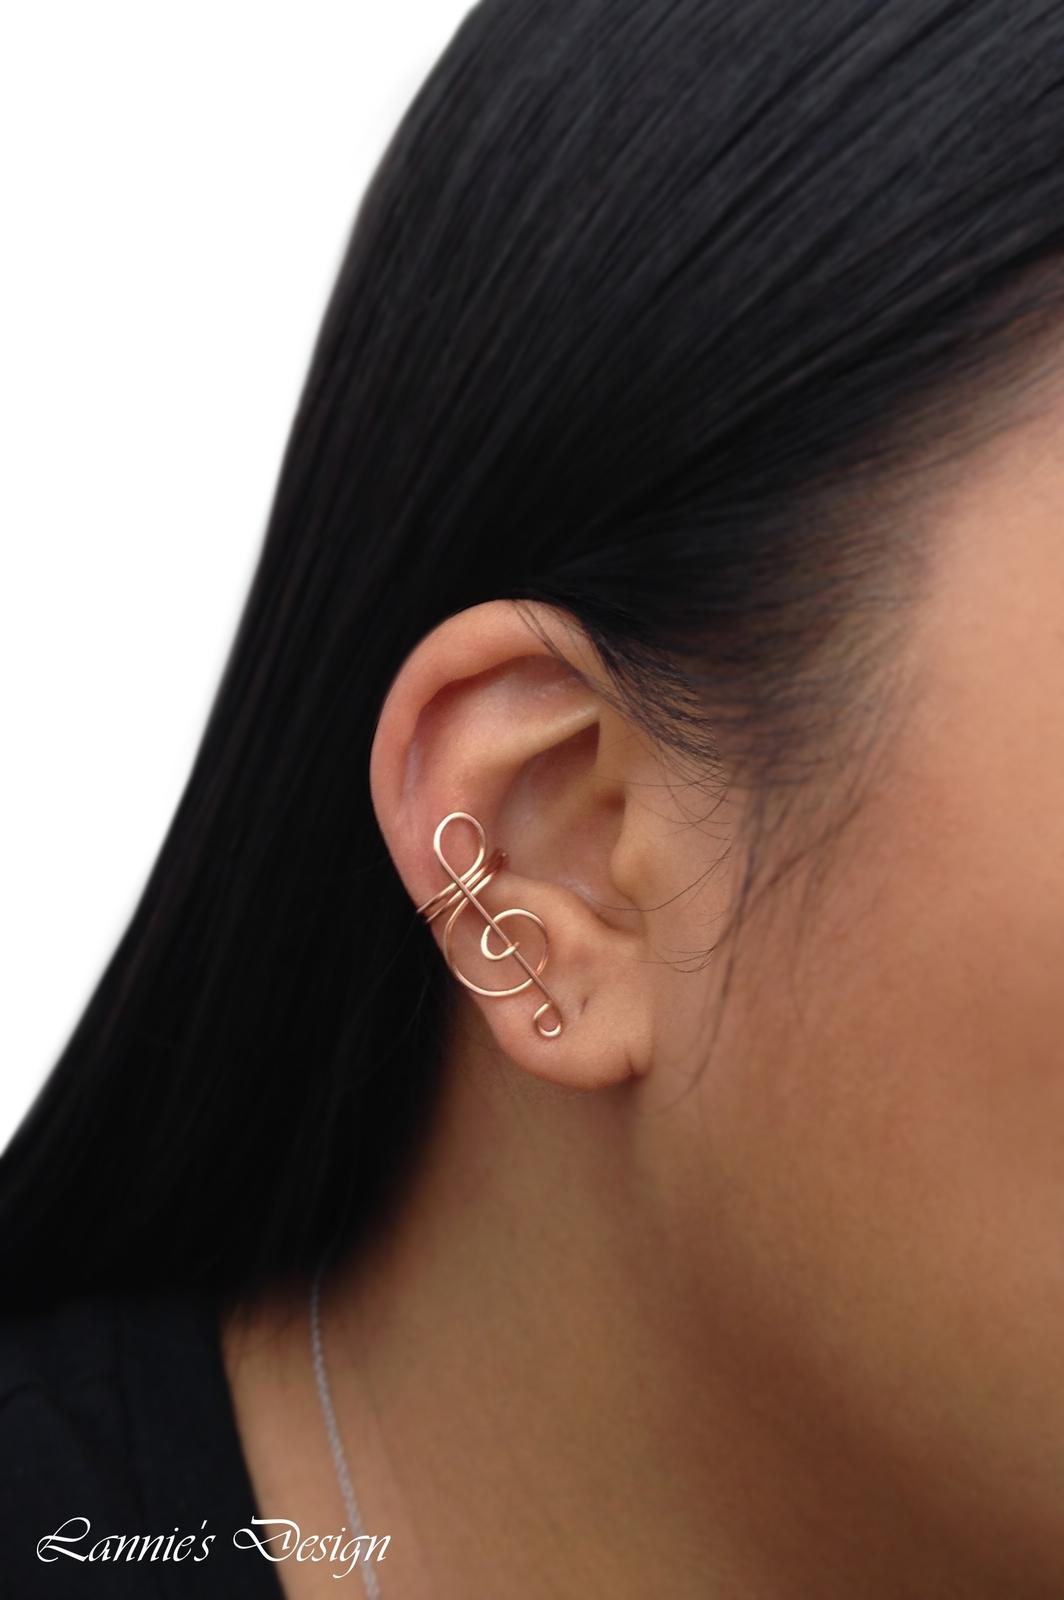 Orange Treble Clef Ear Cuff, No Piercing Cartilage Earrings